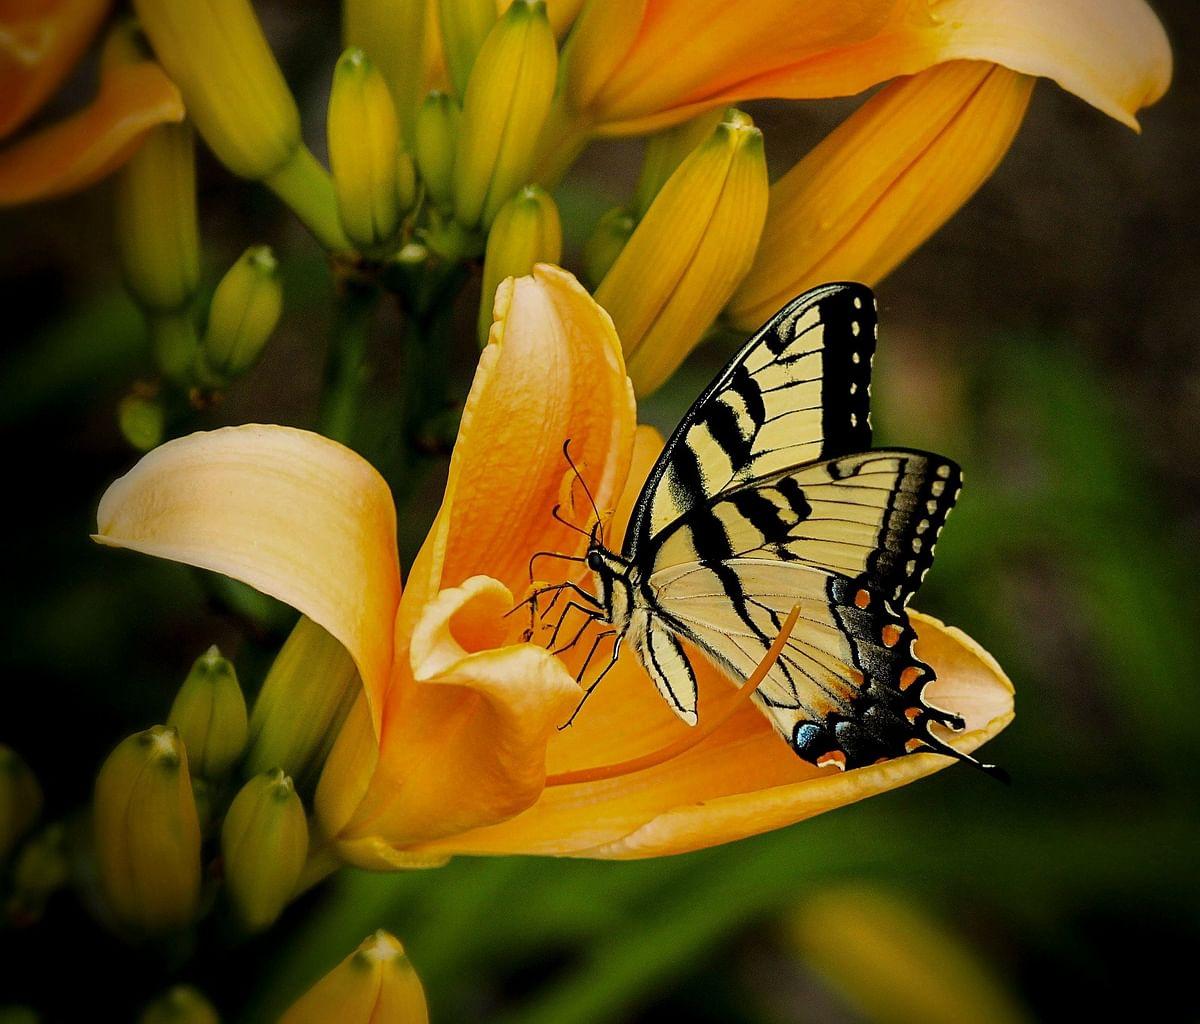 மகரந்தச் சேர்க்கையில் ஈடுபடுகின்ற வண்ணத்துப்பூச்சி